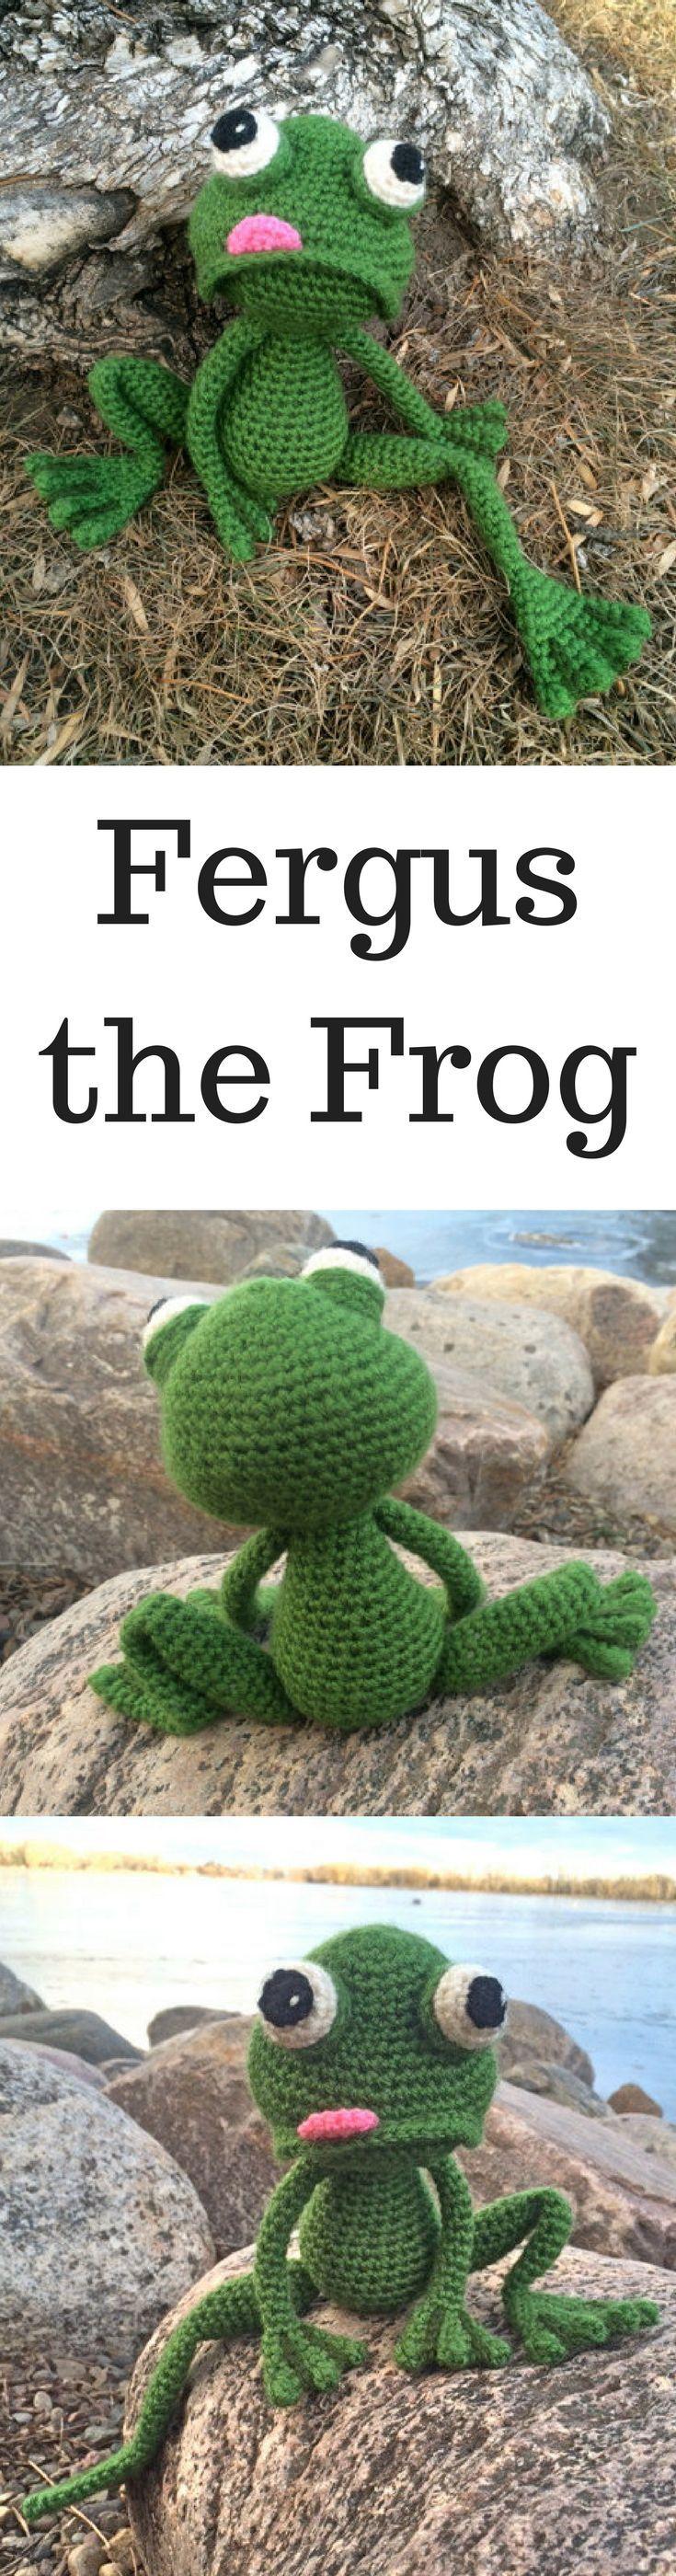 5495 best amigurumi images on pinterest amigurumi patterns fergus the frog amigurumi crochet pattern printable pdf ad amigurumi amigurumidoll amigurumipattern fandeluxe Image collections